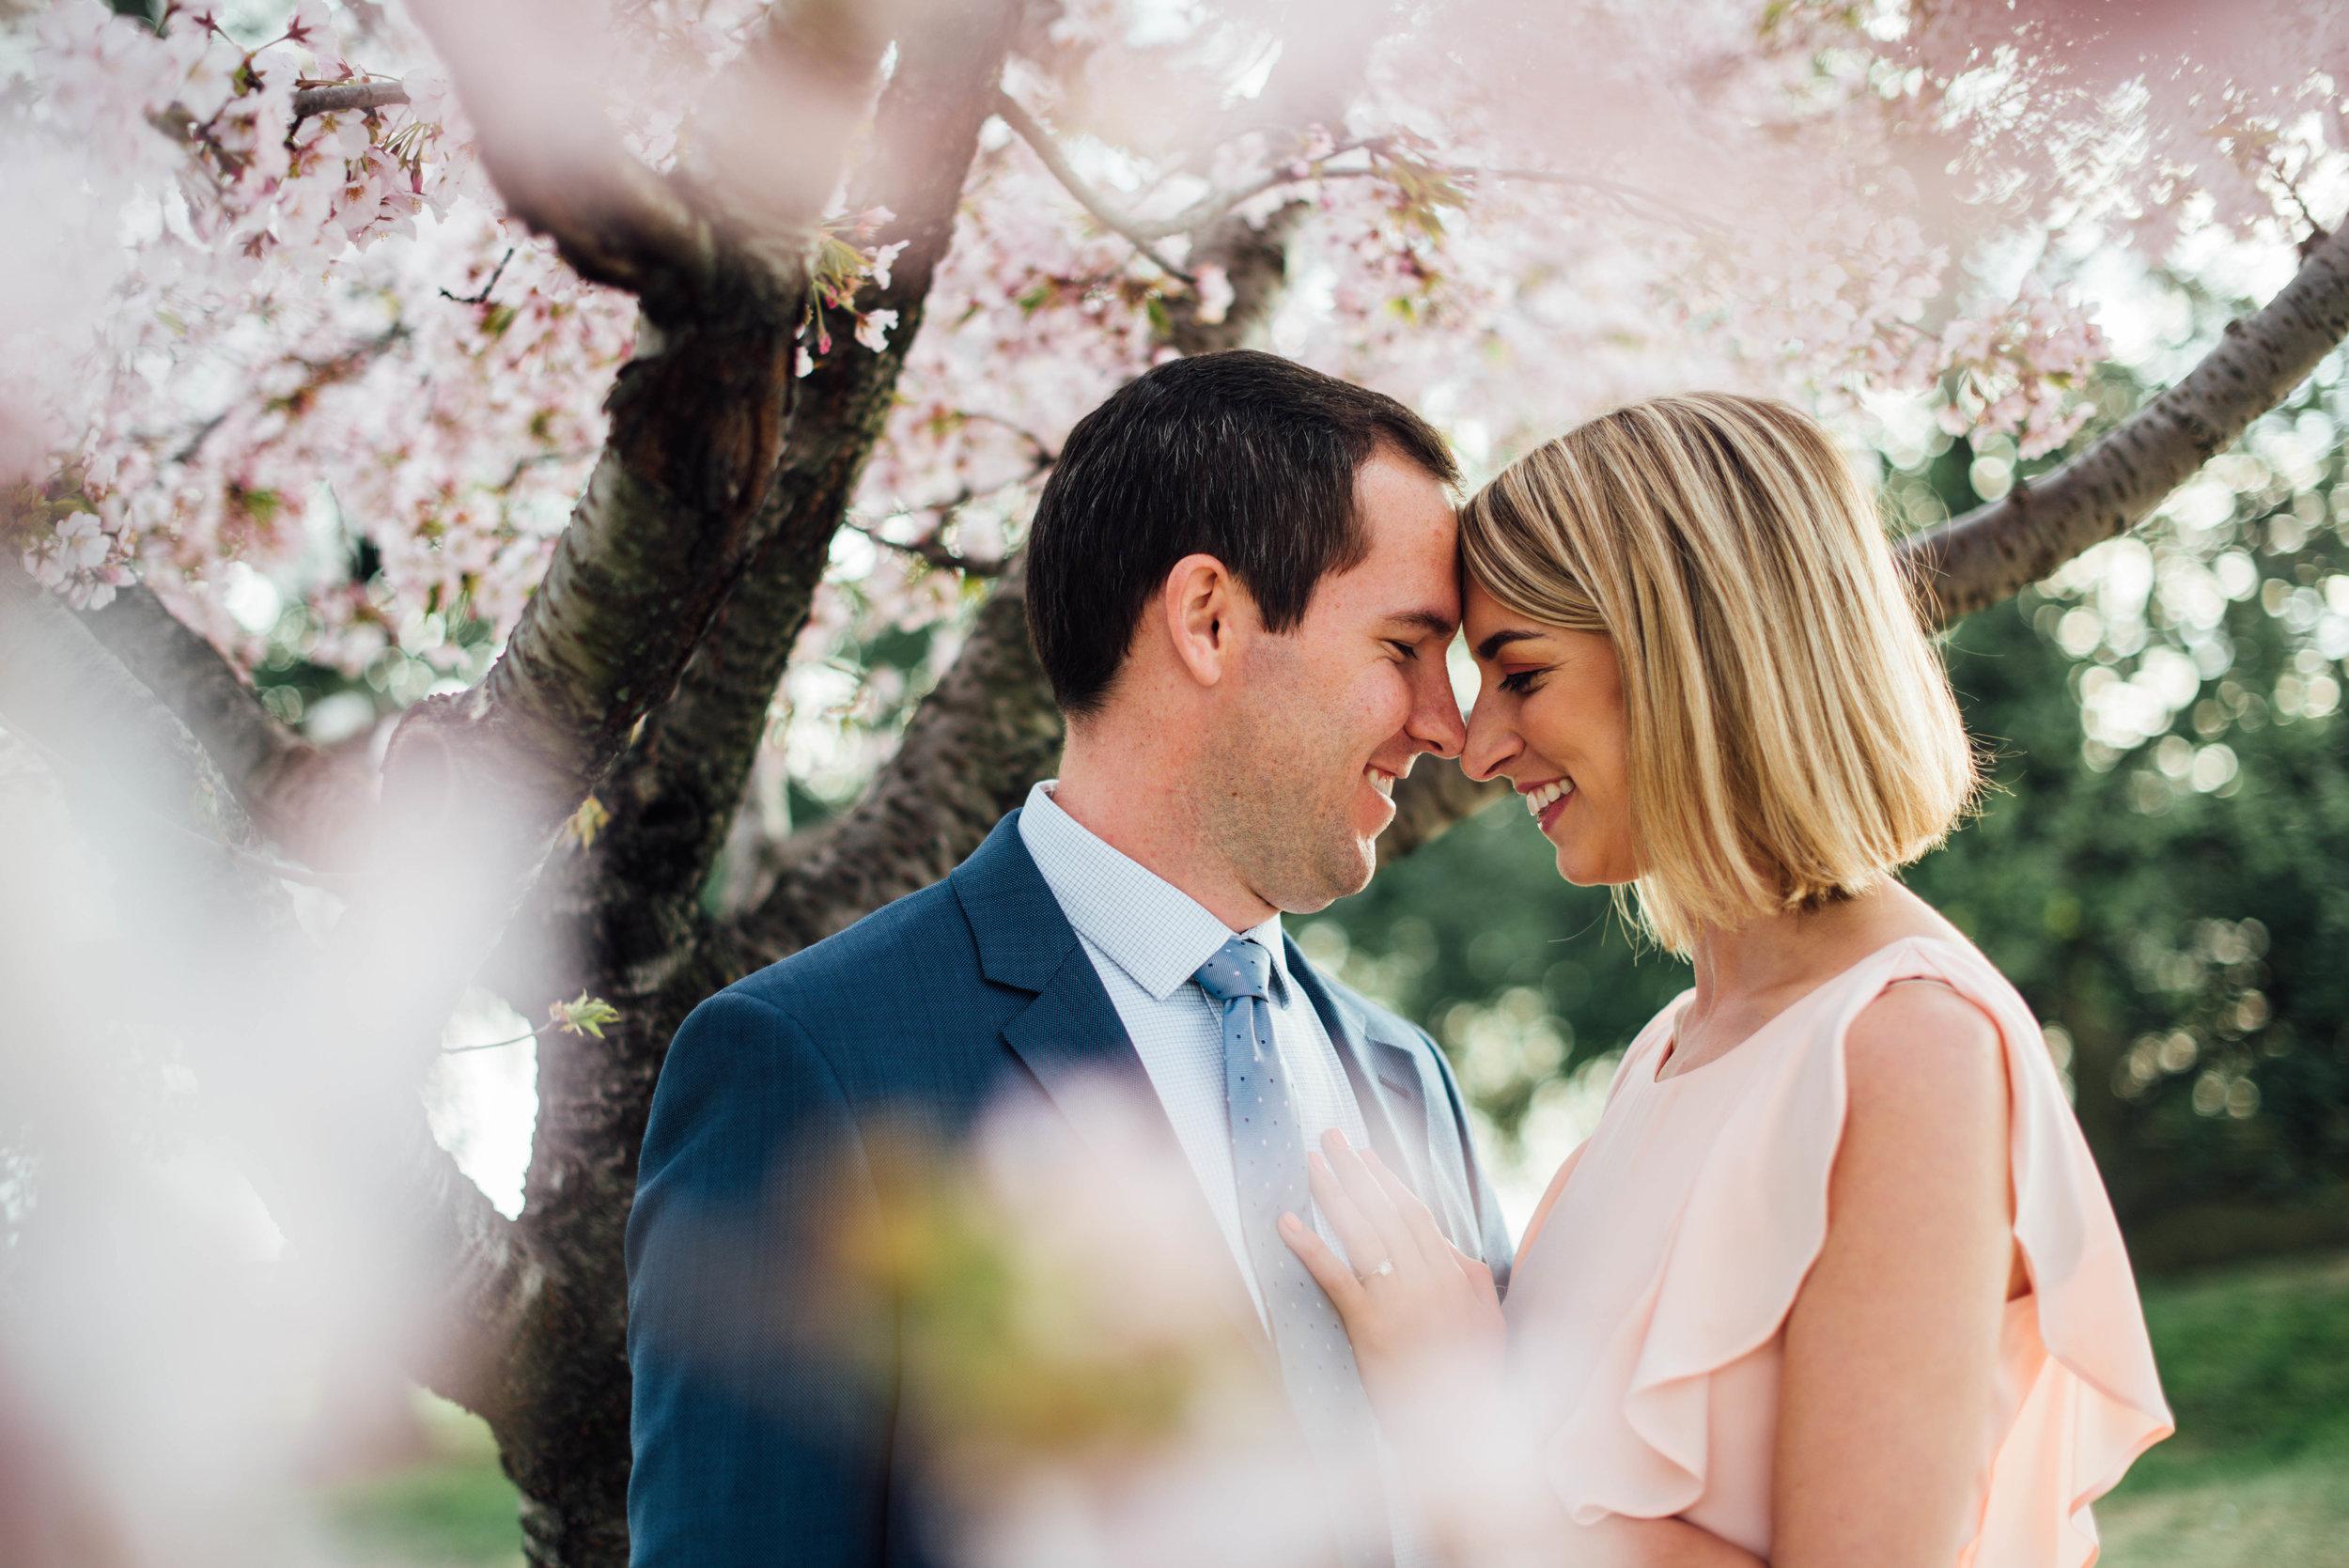 Spoken-Bride-April-2019-UPDATED-LaurentinaPhoto28.jpg